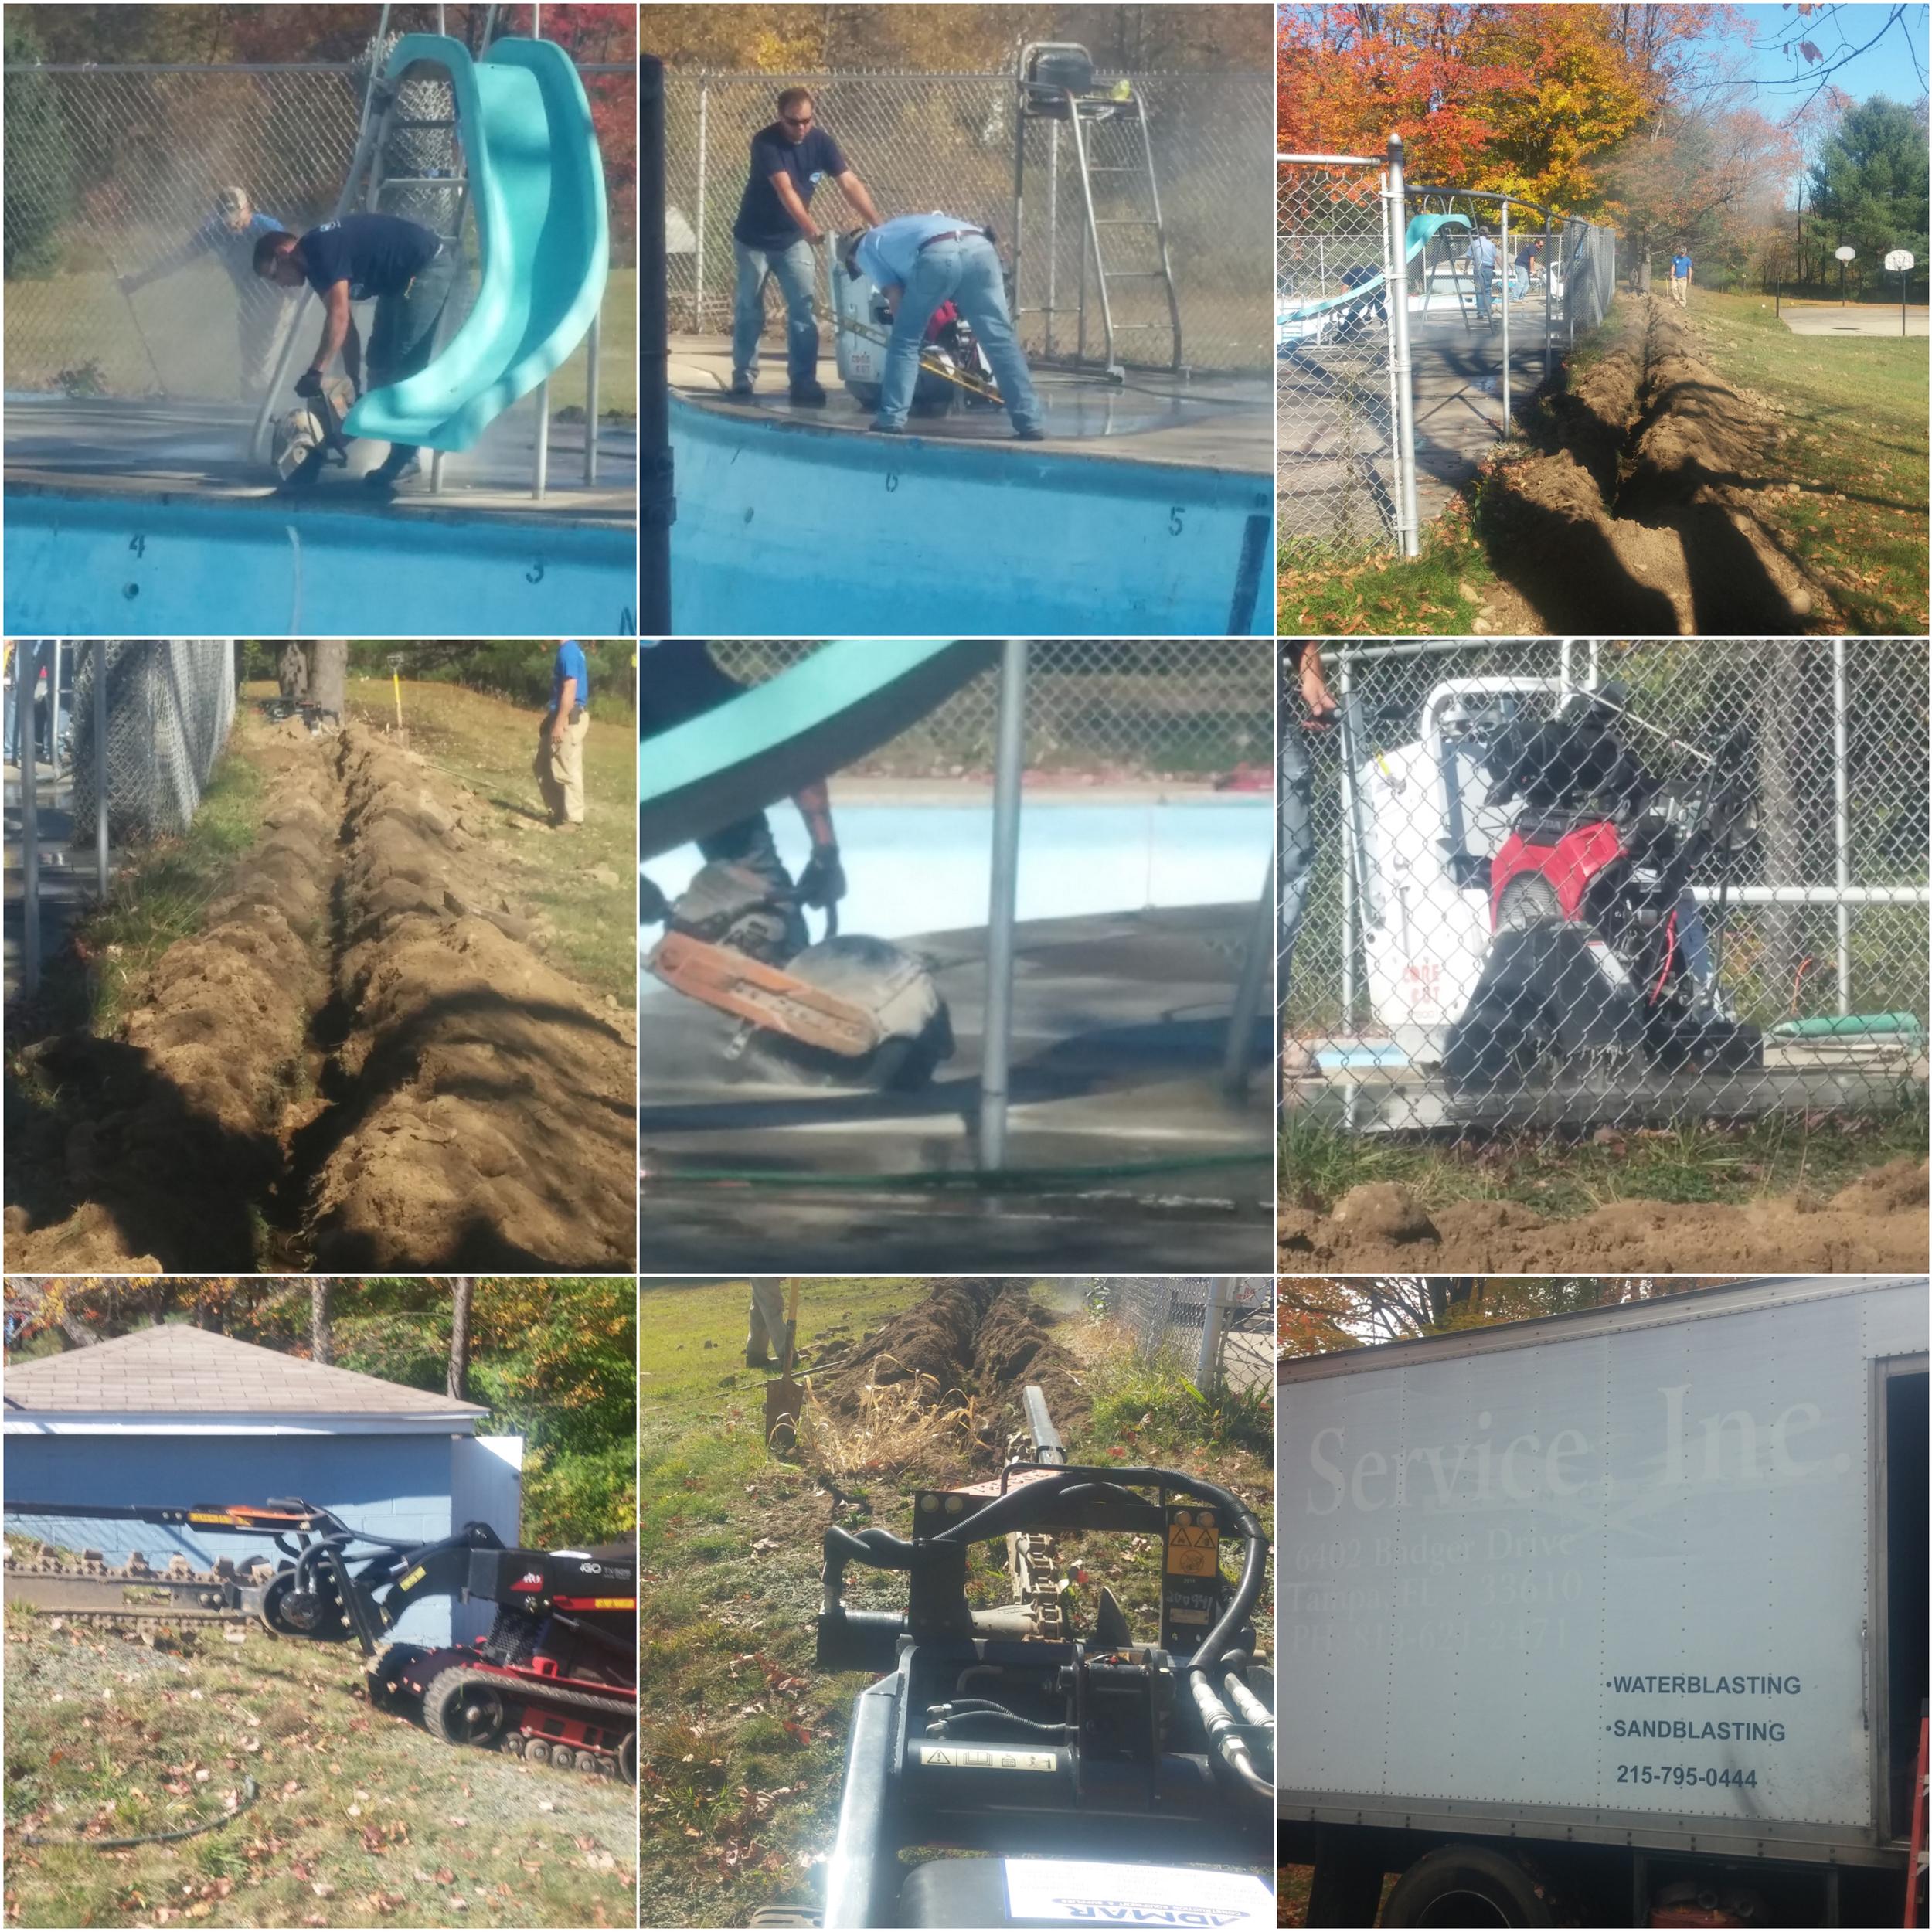 Pool Collage 2.jpg